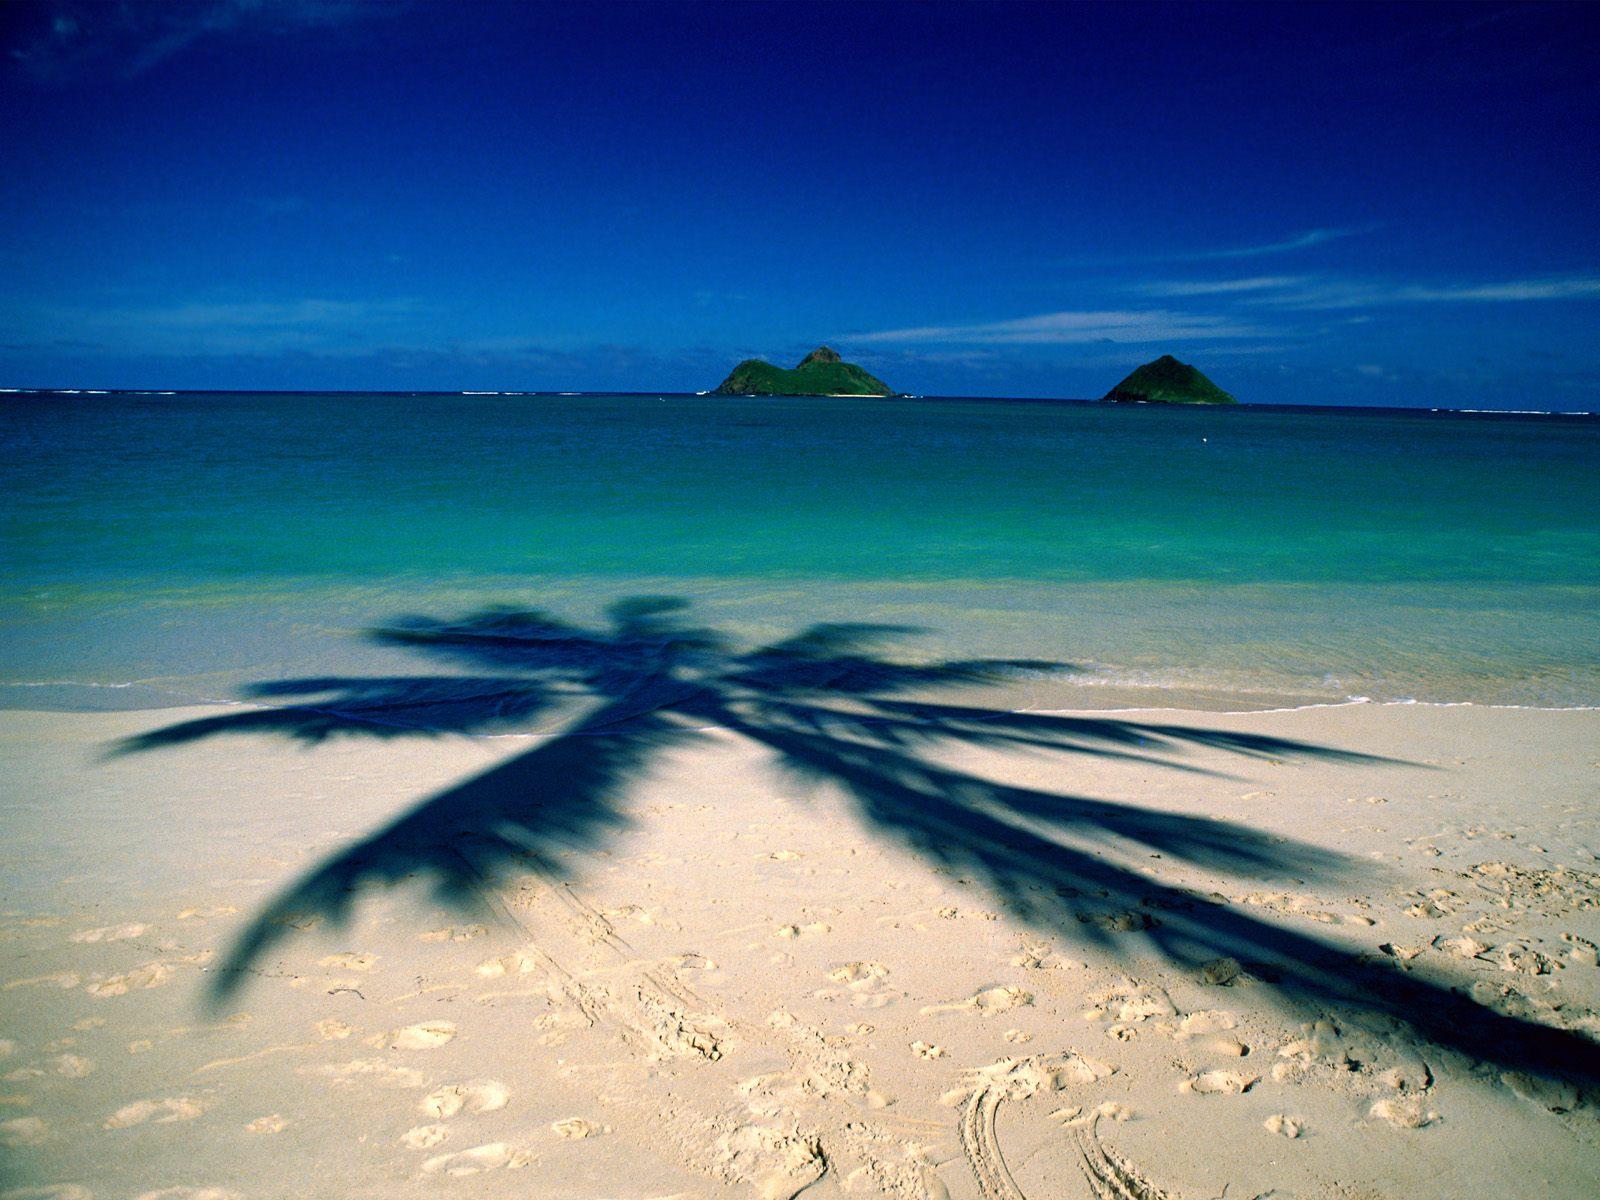 http://4.bp.blogspot.com/-0qBRfhhQIJg/Trl76i-CXNI/AAAAAAAABYI/bgBvSMg9Sic/s1600/lanikai-beach-oahu-hawaii.jpg